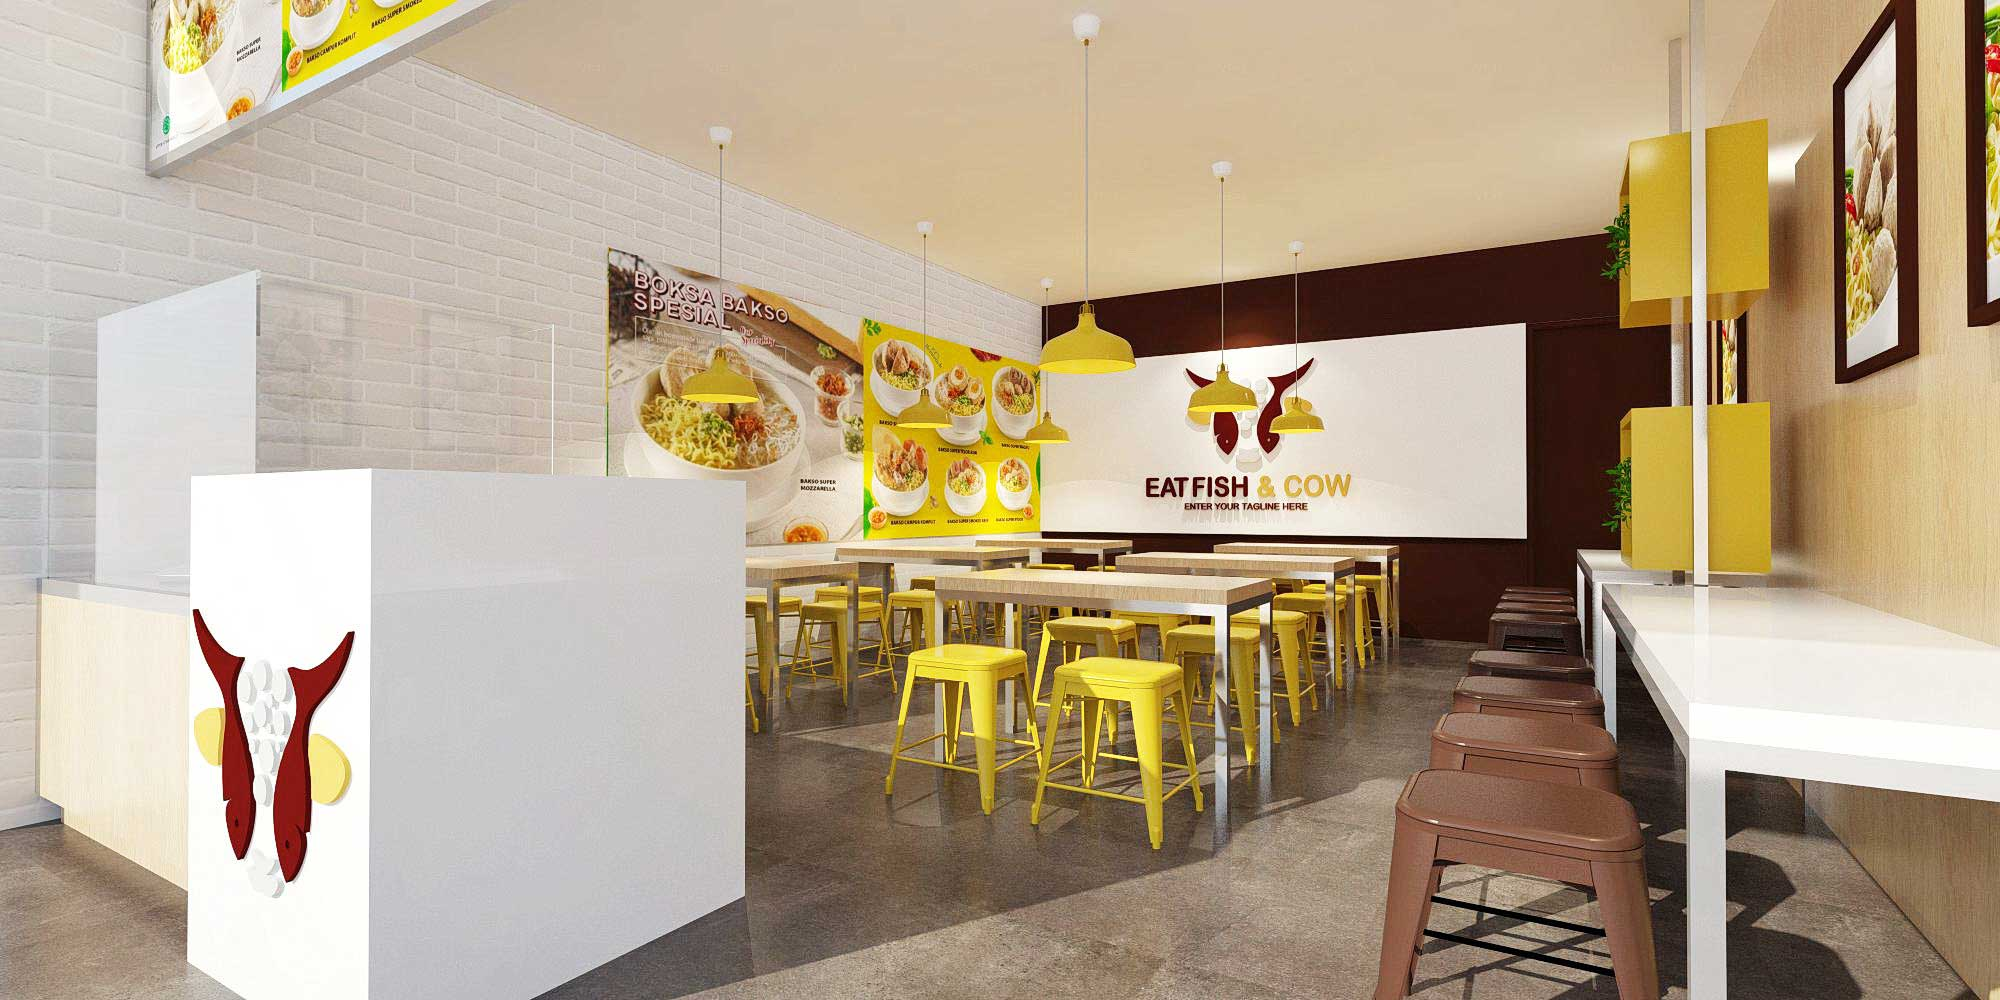 Jasa Desain Interior Untuk Bakso Eat Fish n Cow